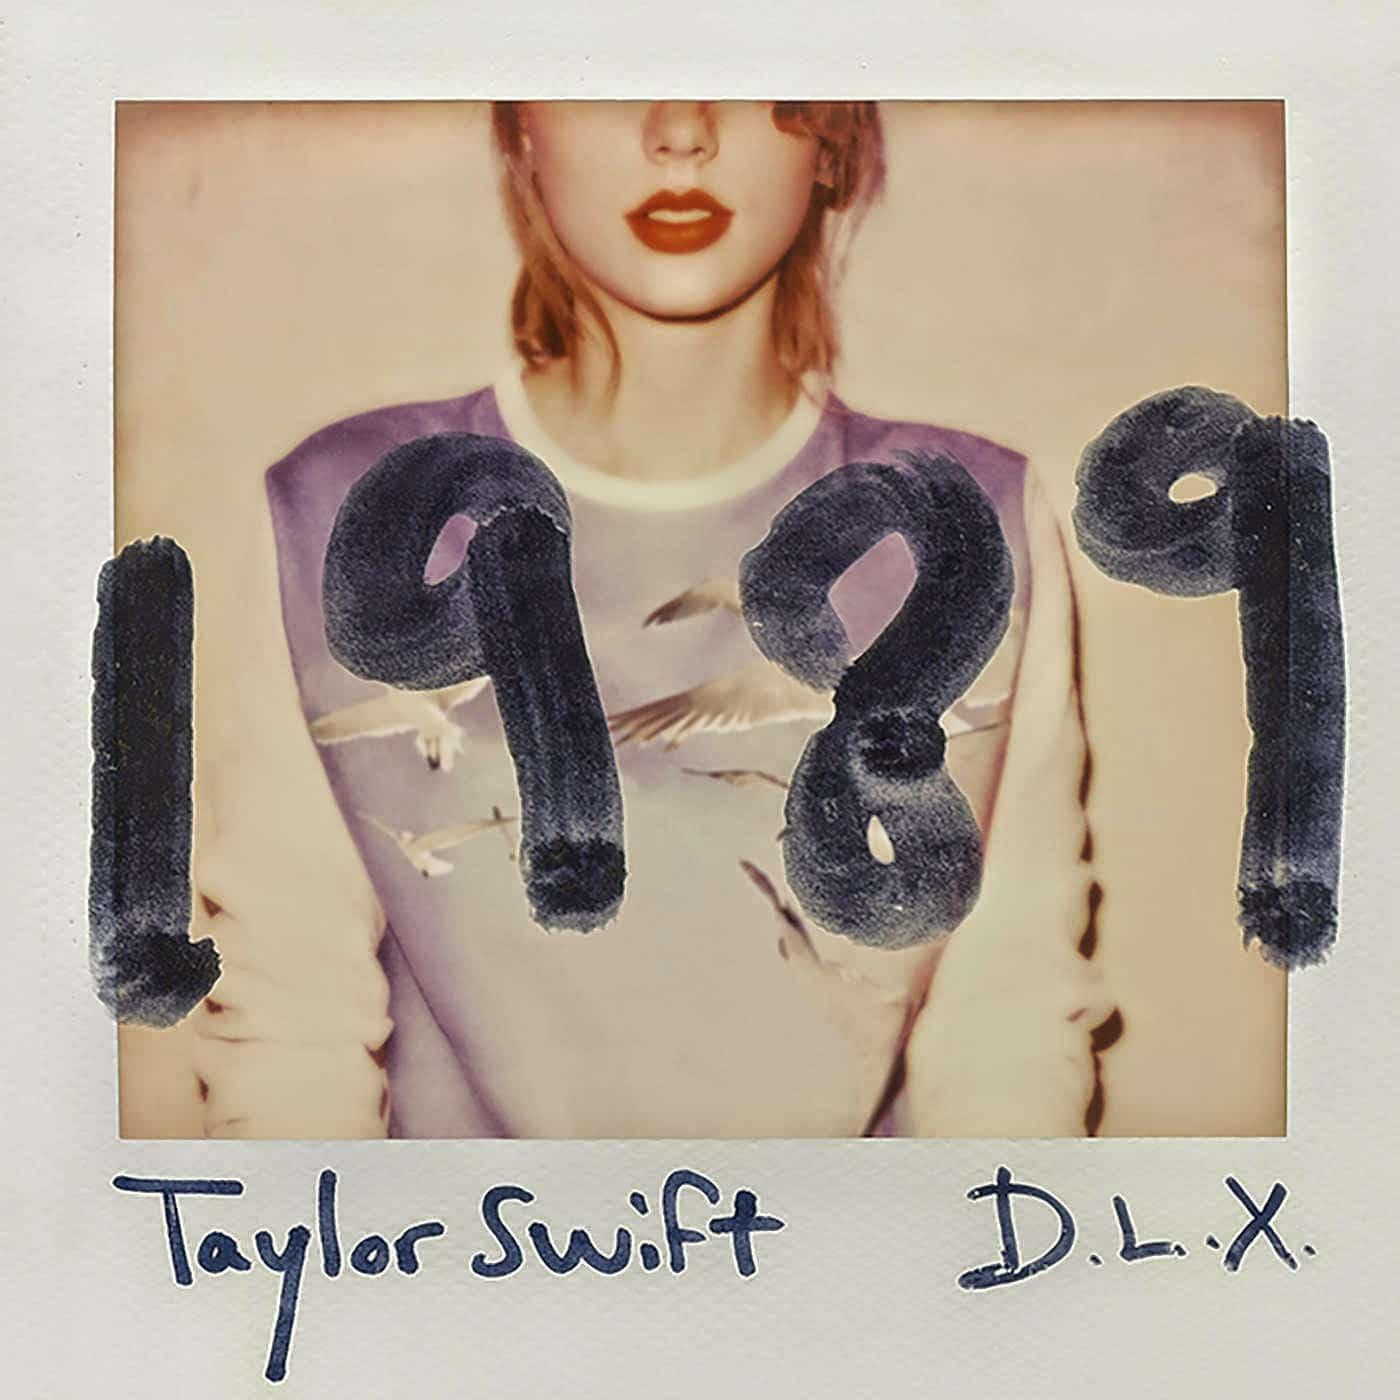 Taylor Swift dating una stella direzione Telus scintille velocità datazione